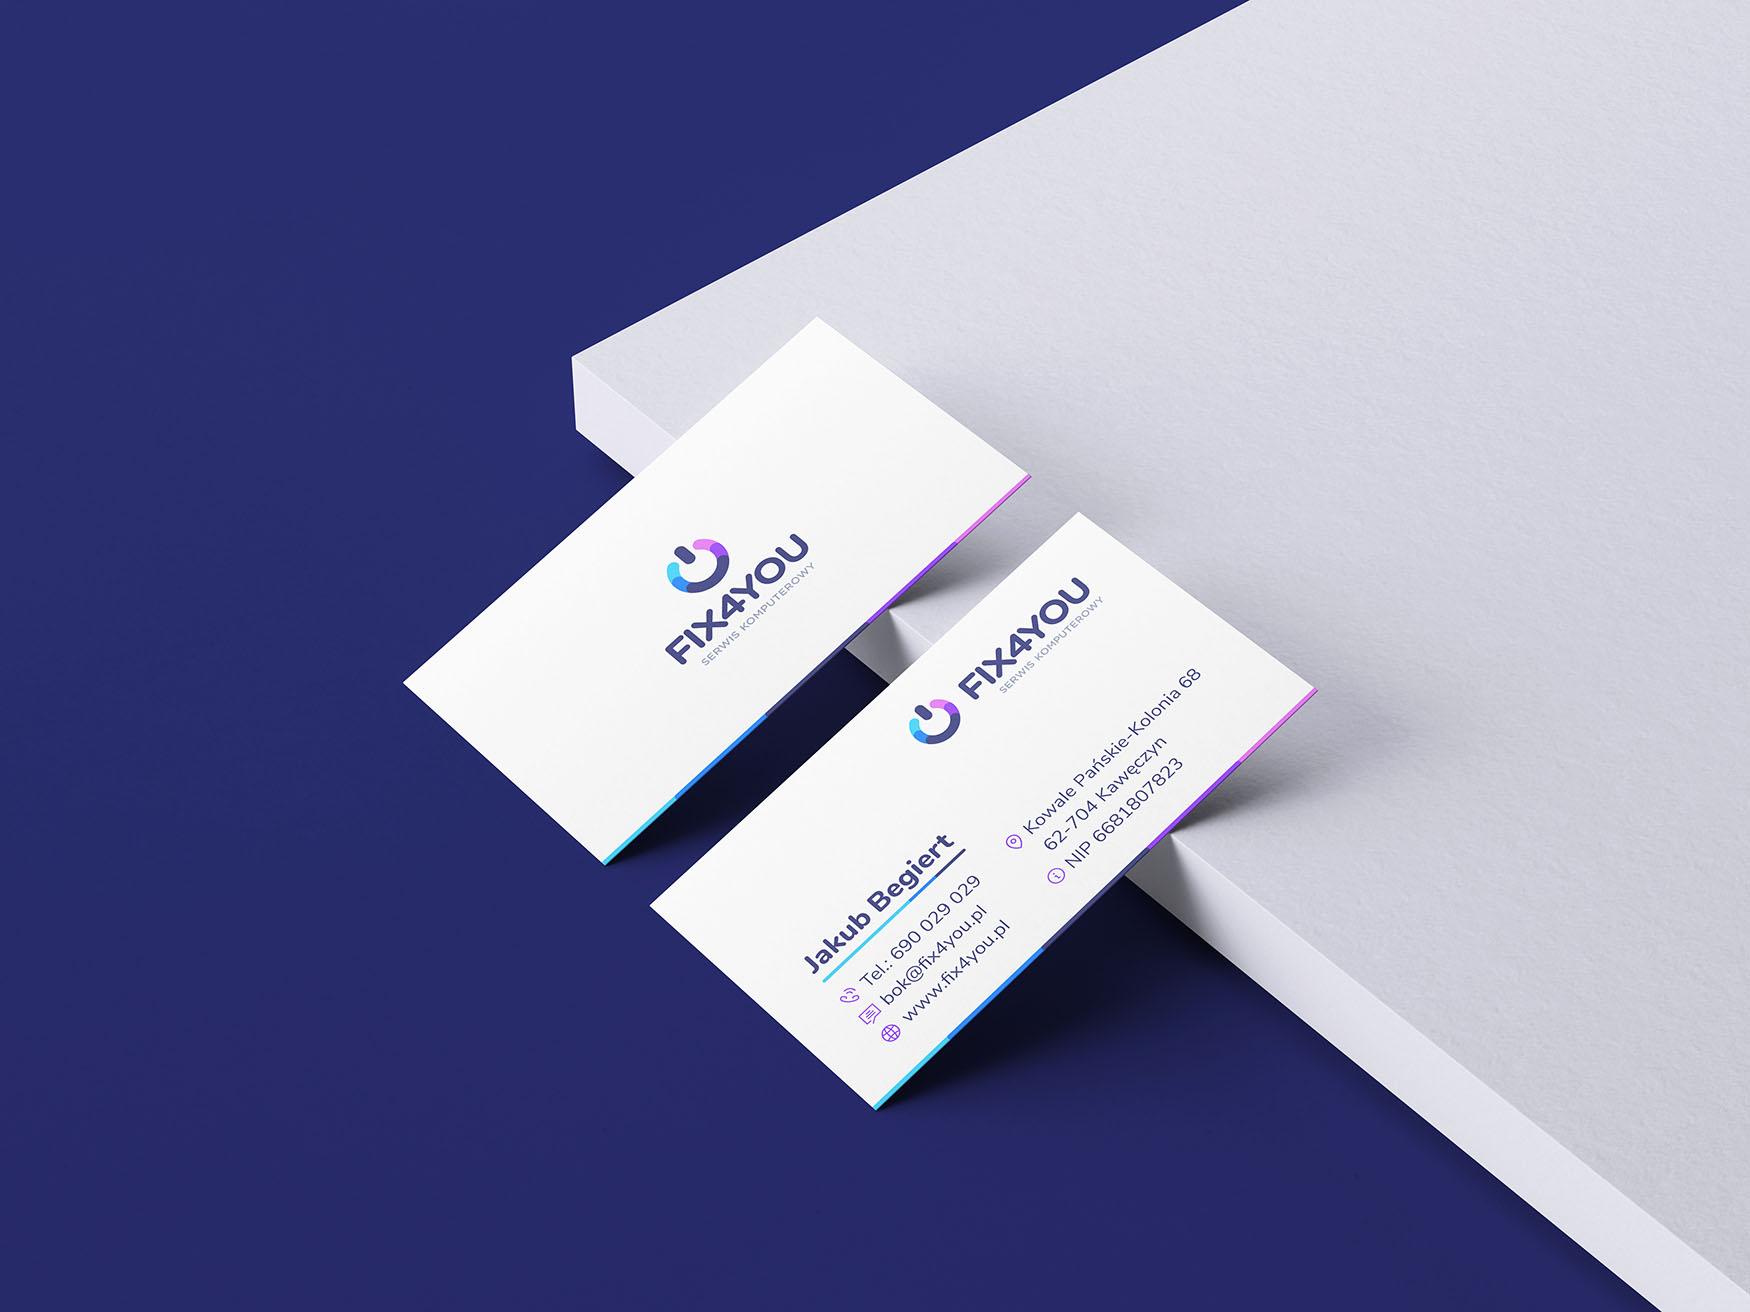 projekt wizytówek dla serwisu komputerowego